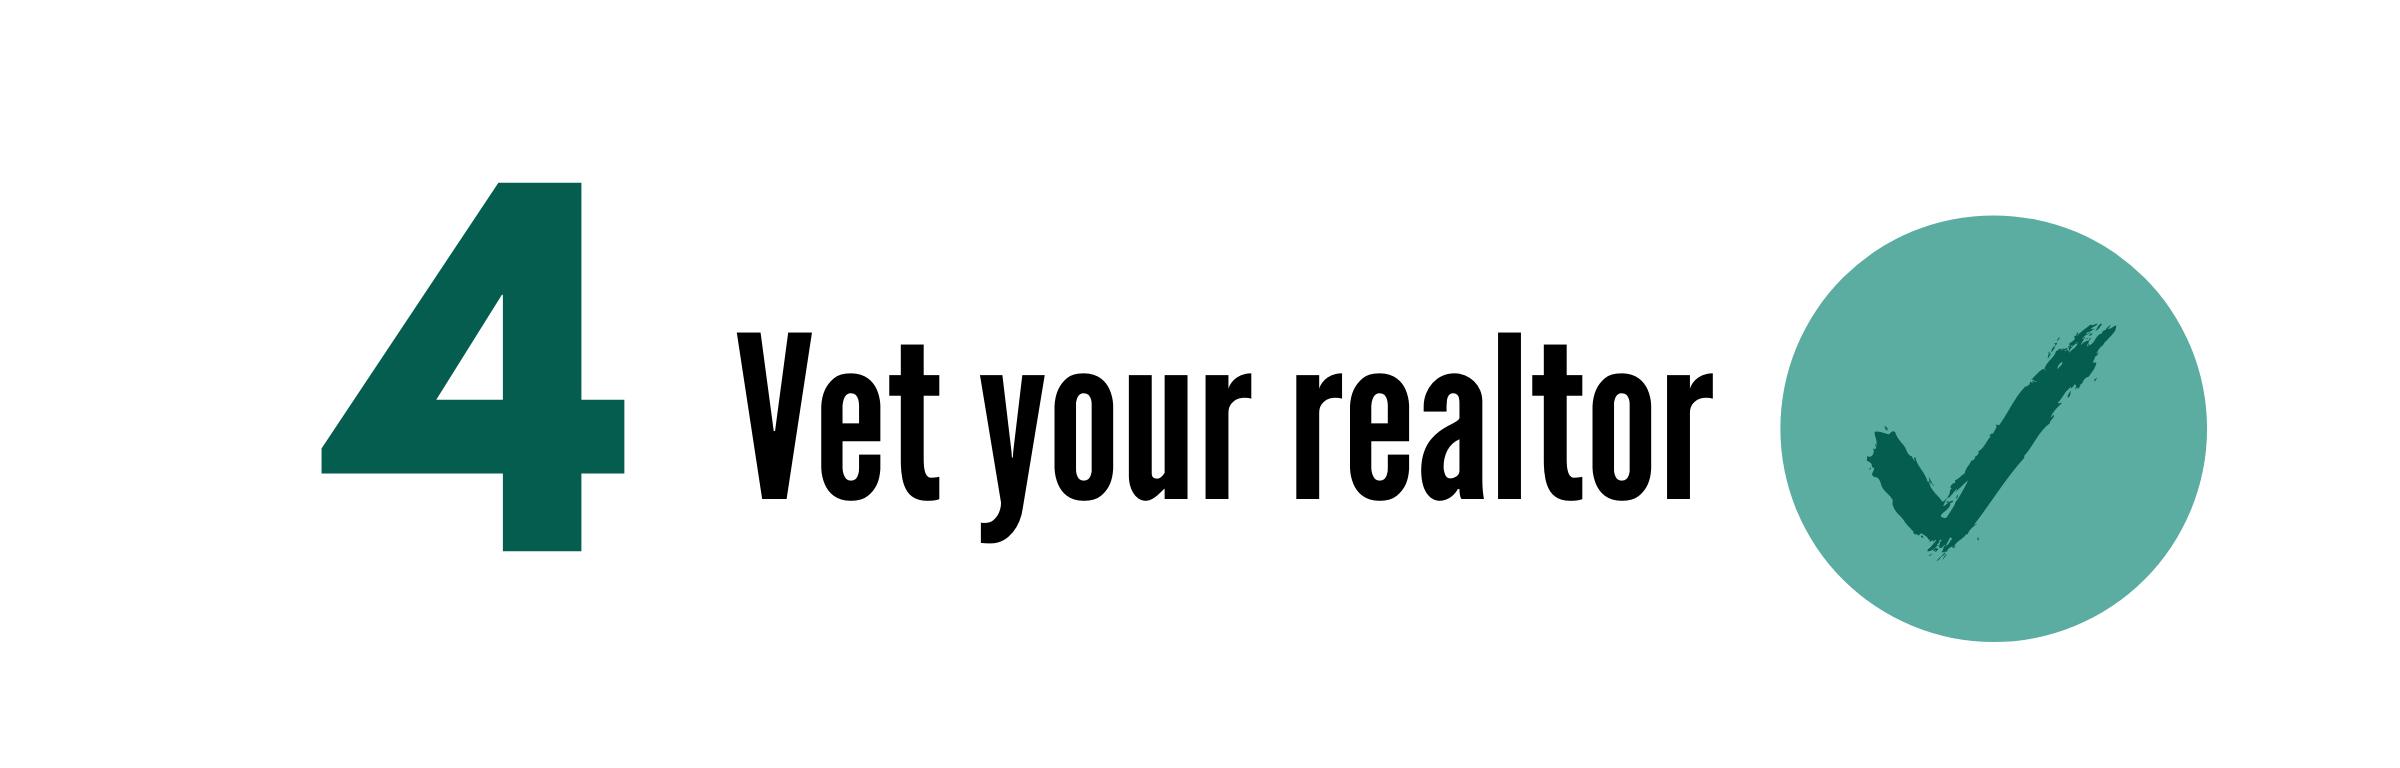 Vet your realtor